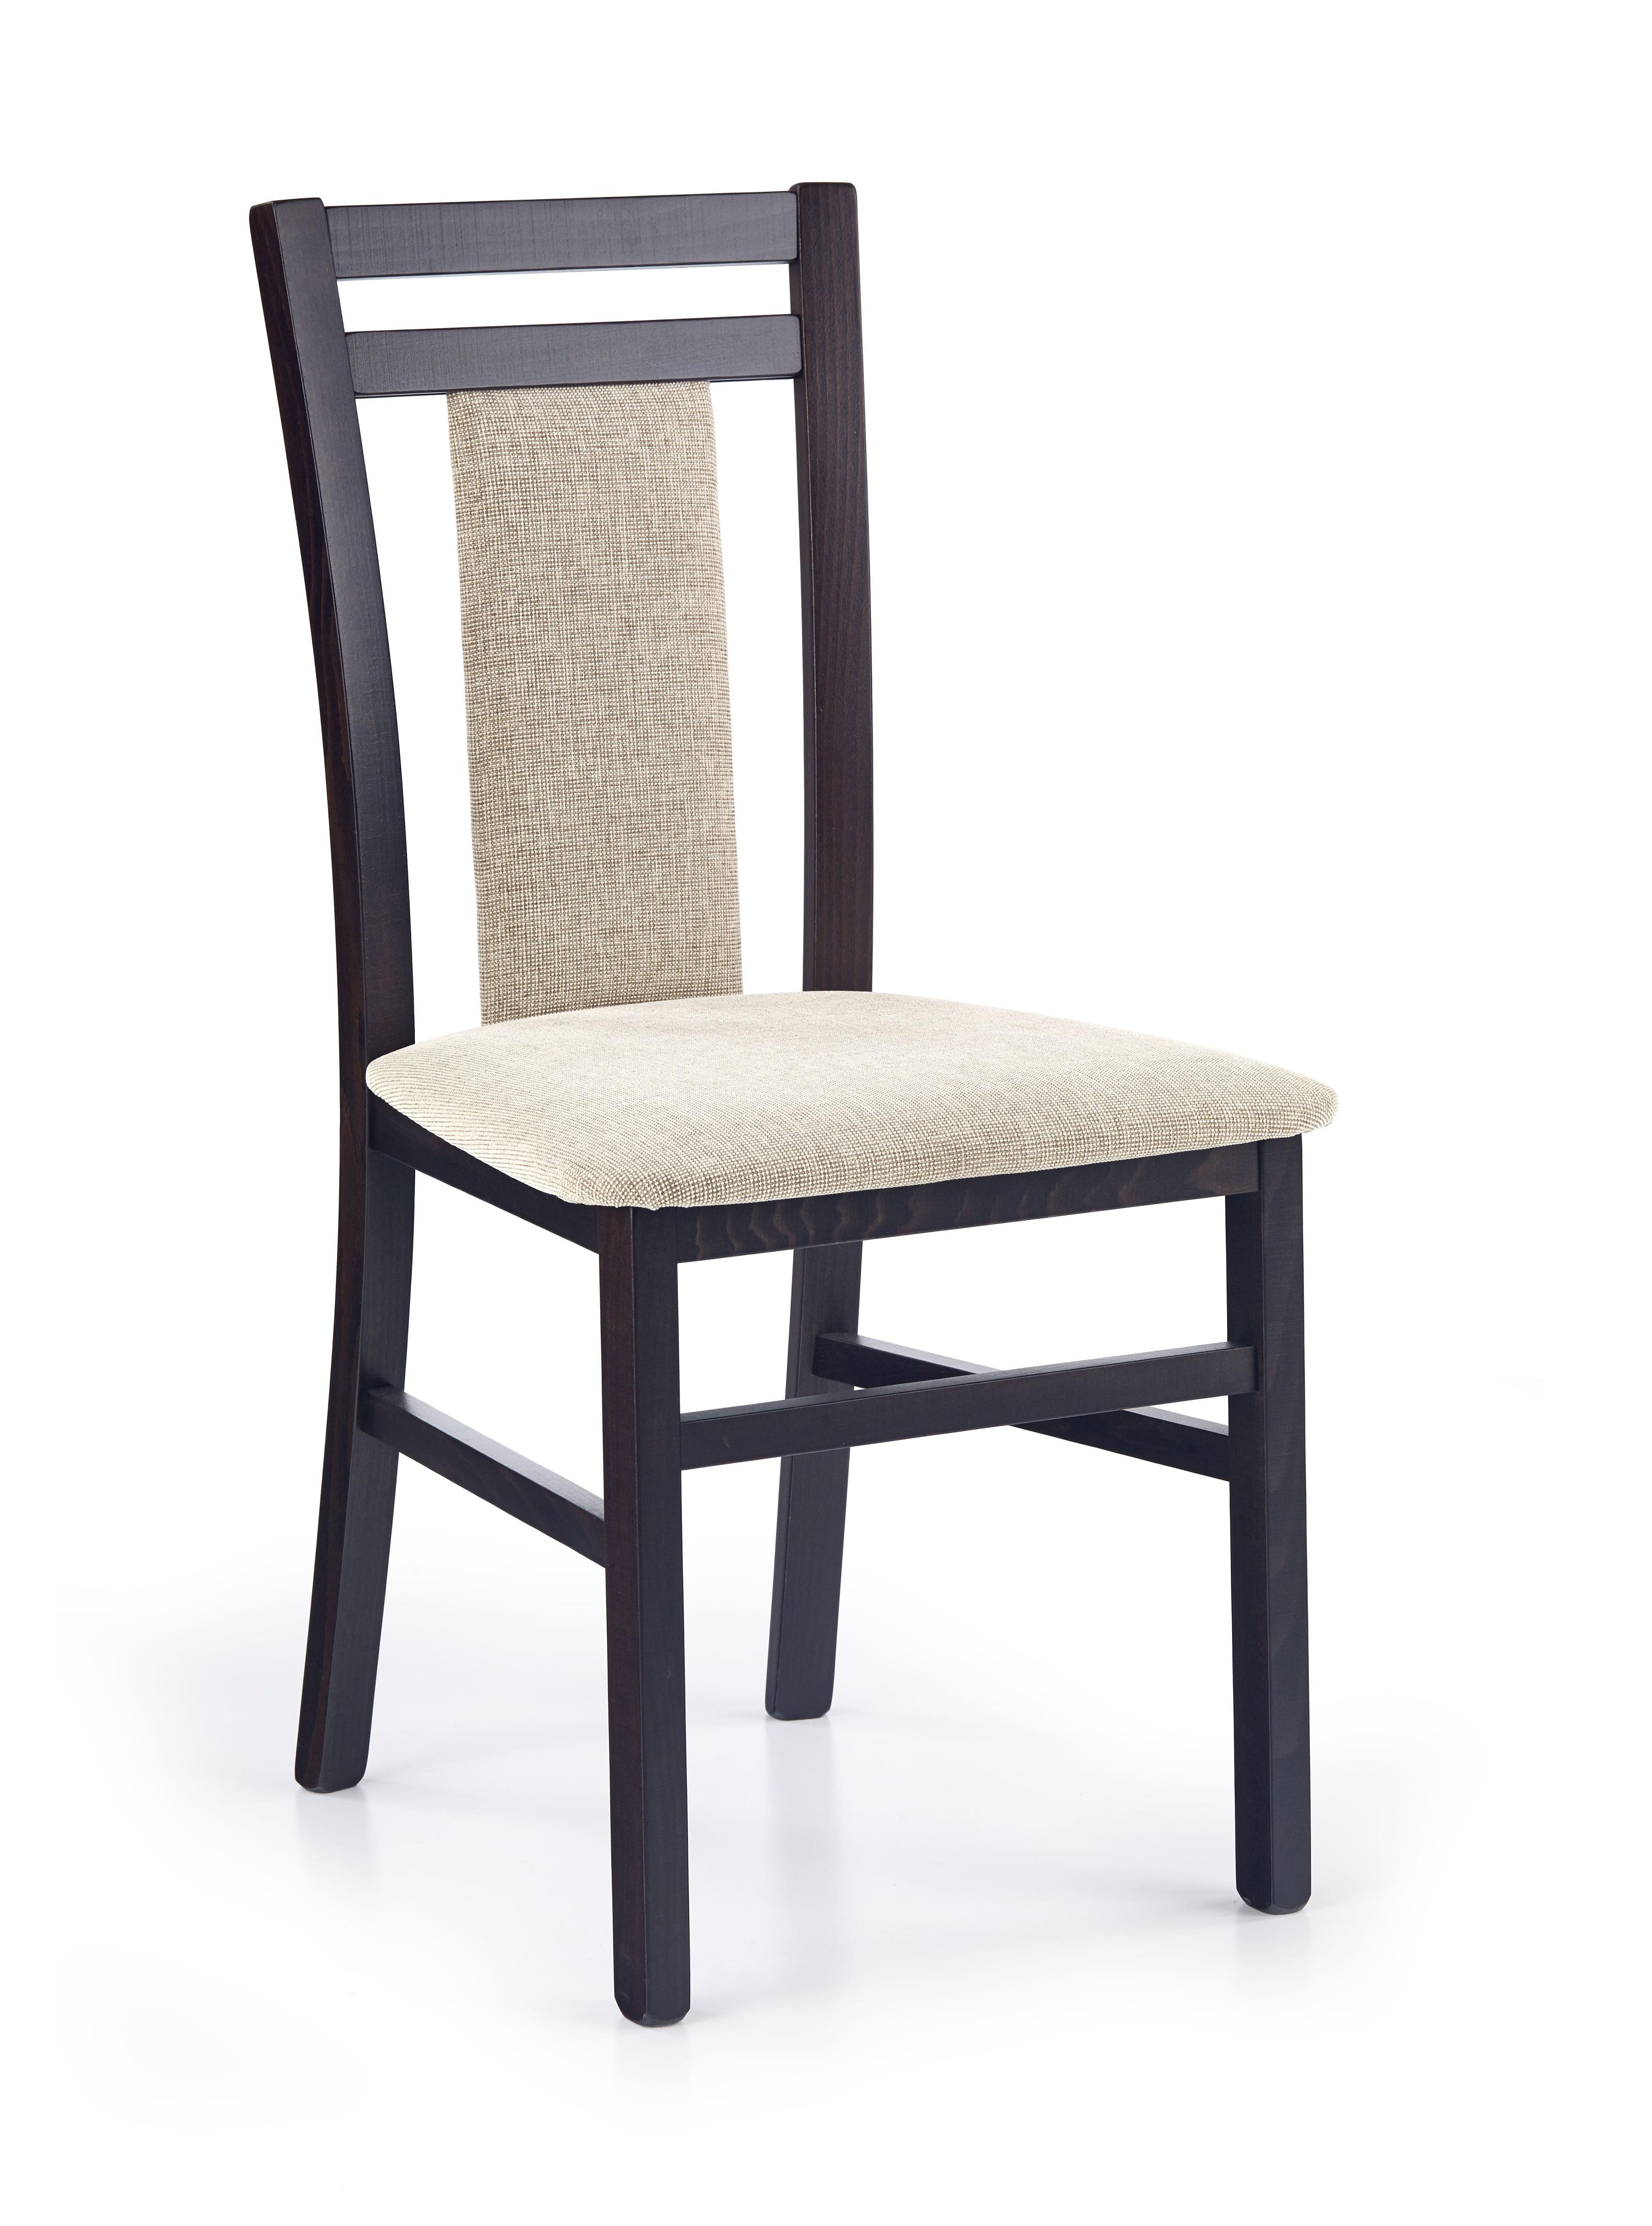 Jedálenská stolička - Halmar - HUBERT 8 Wenge